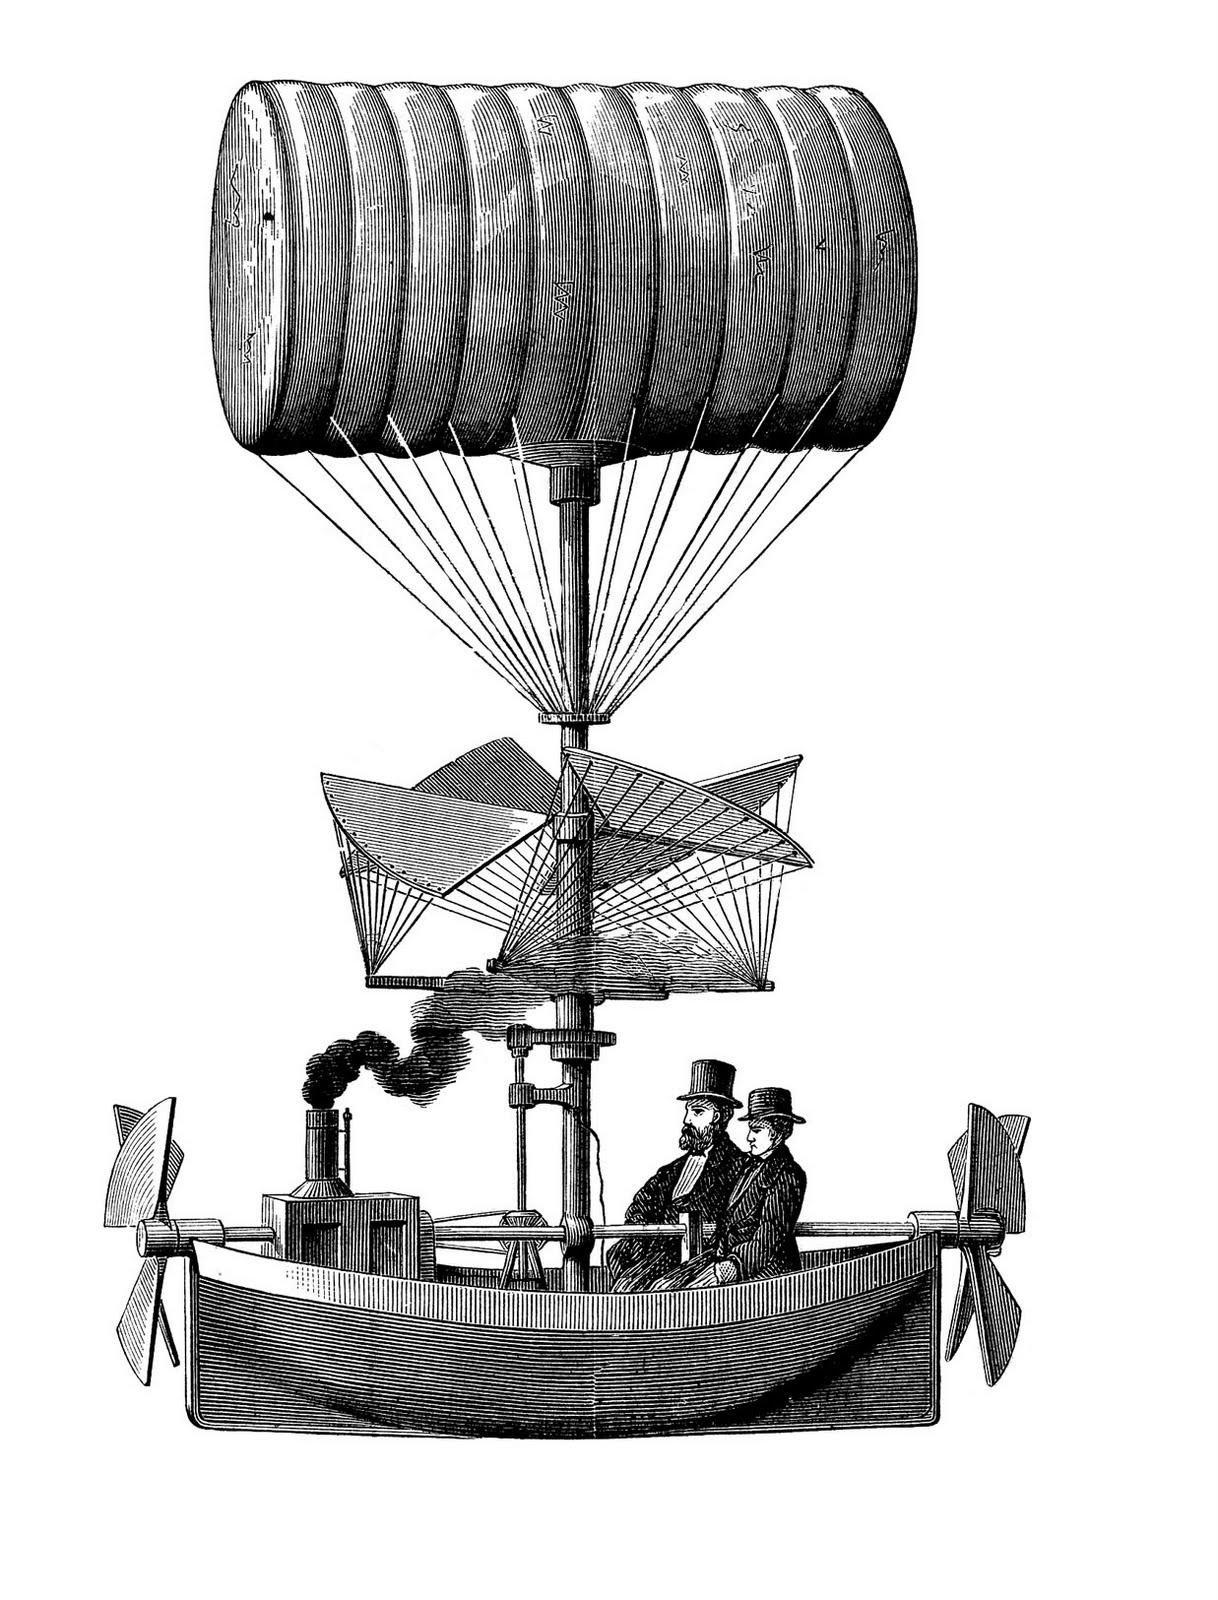 Steampunk clipart blimp. Airship clip art library